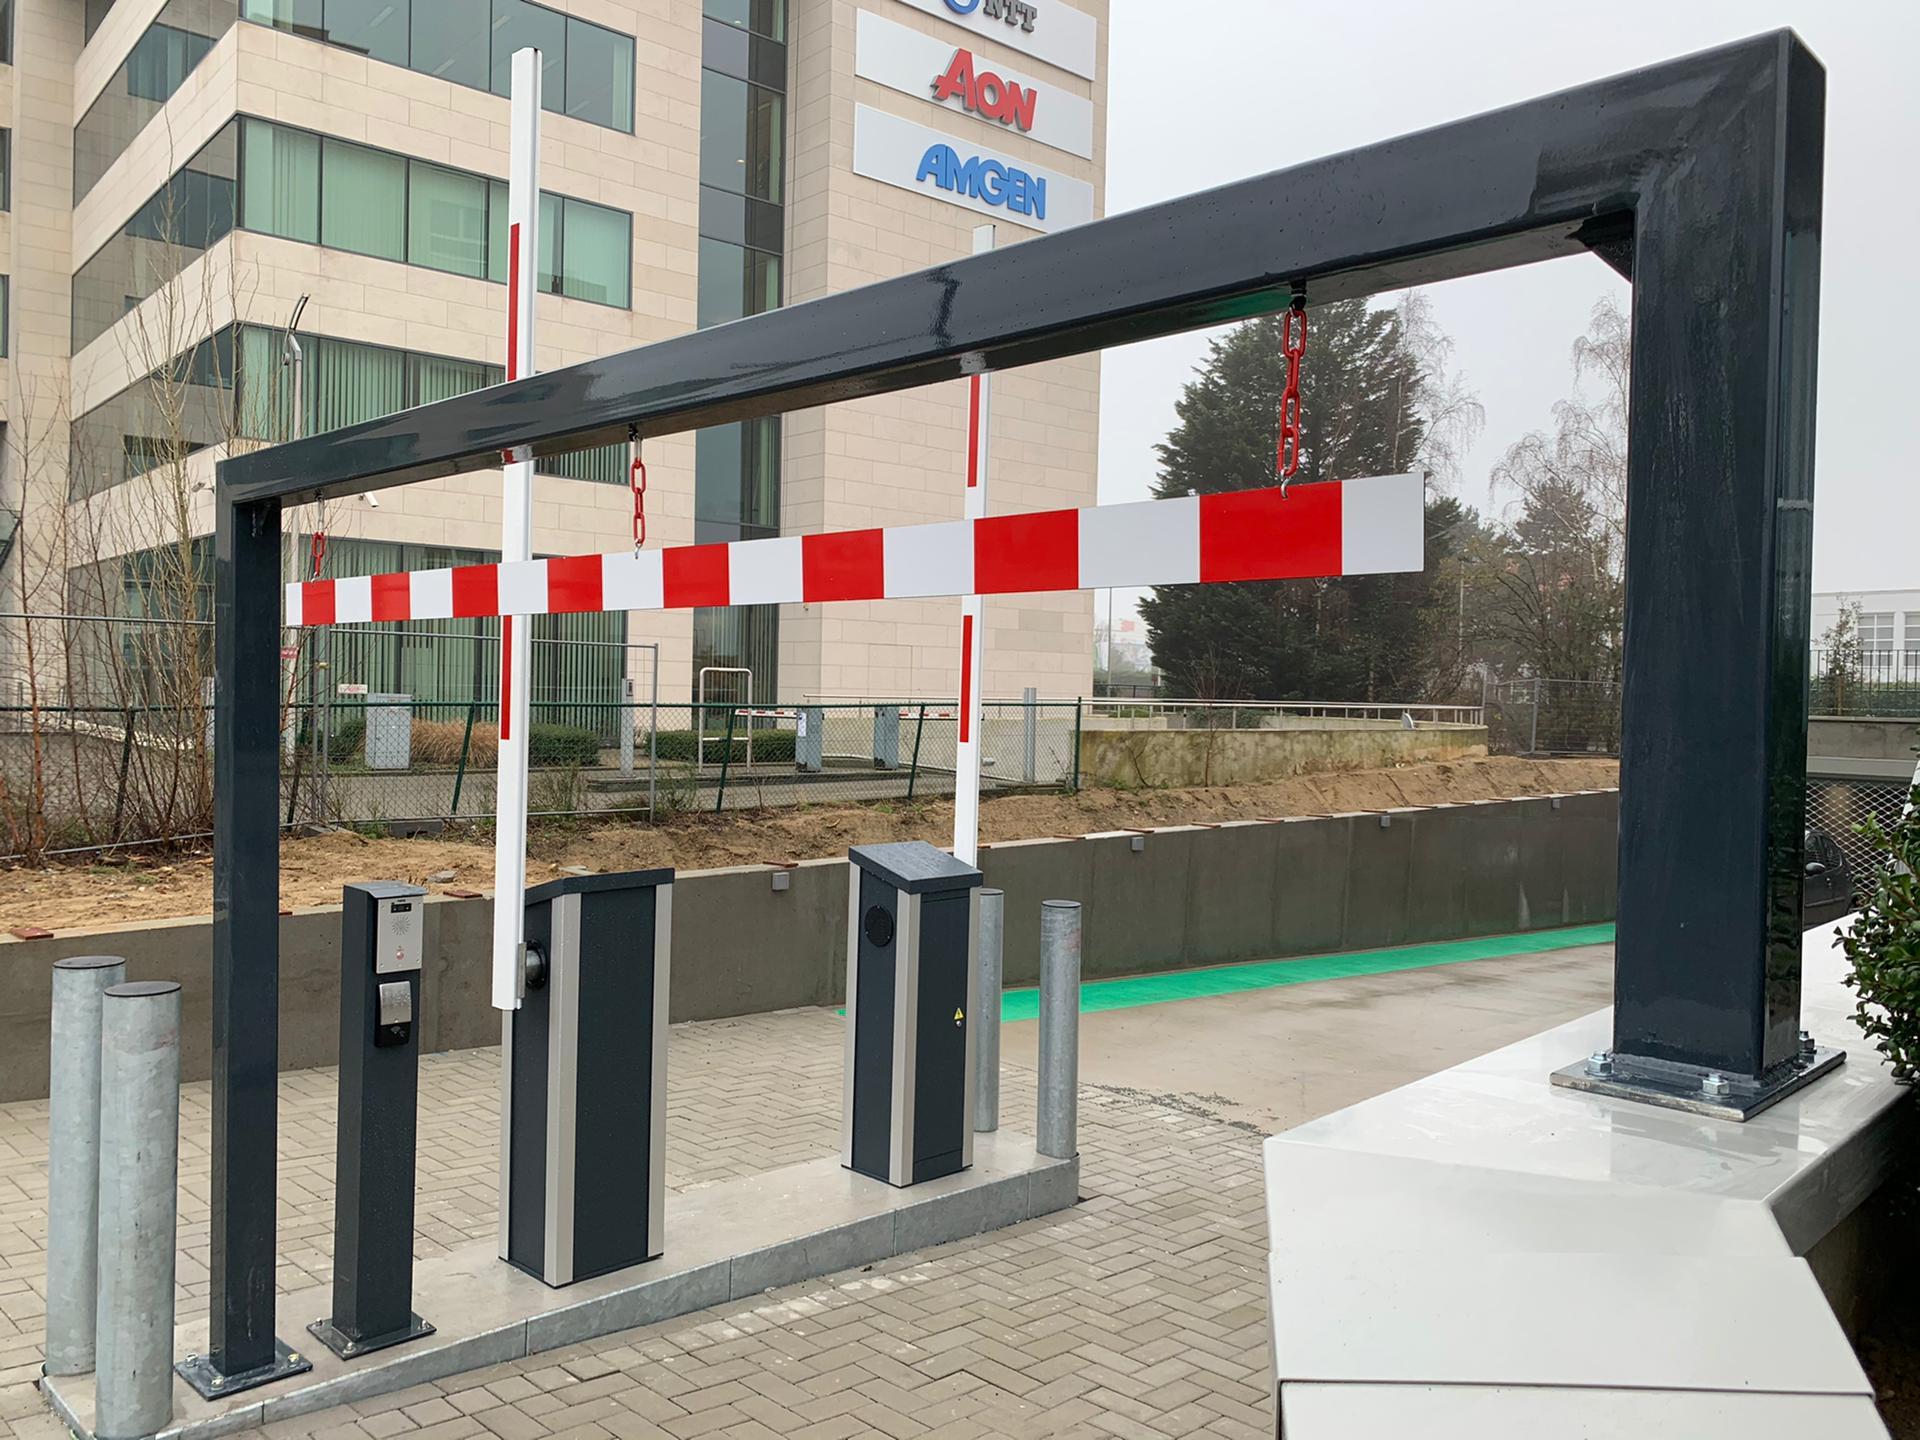 Verkeersuitrusting aanrijbeveiliging hoogtebegrenzer, verkeersborden en stootpalen door Actual Sign, member of the Remotec Group